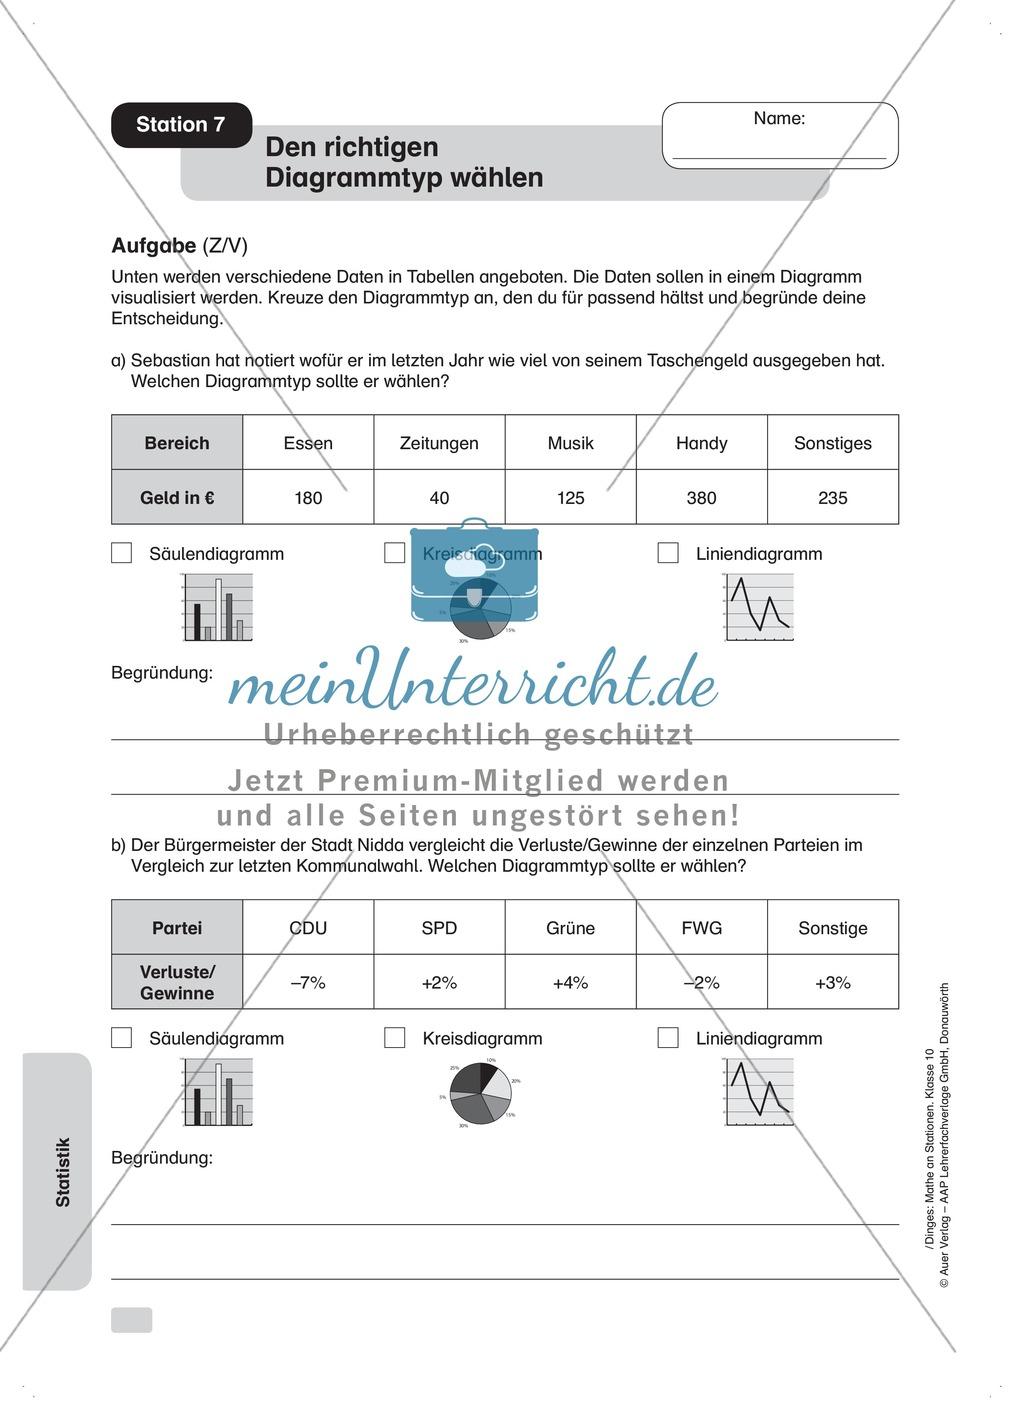 Statistik: Zentralwert (Median), Tabellen und Diagramme - meinUnterricht